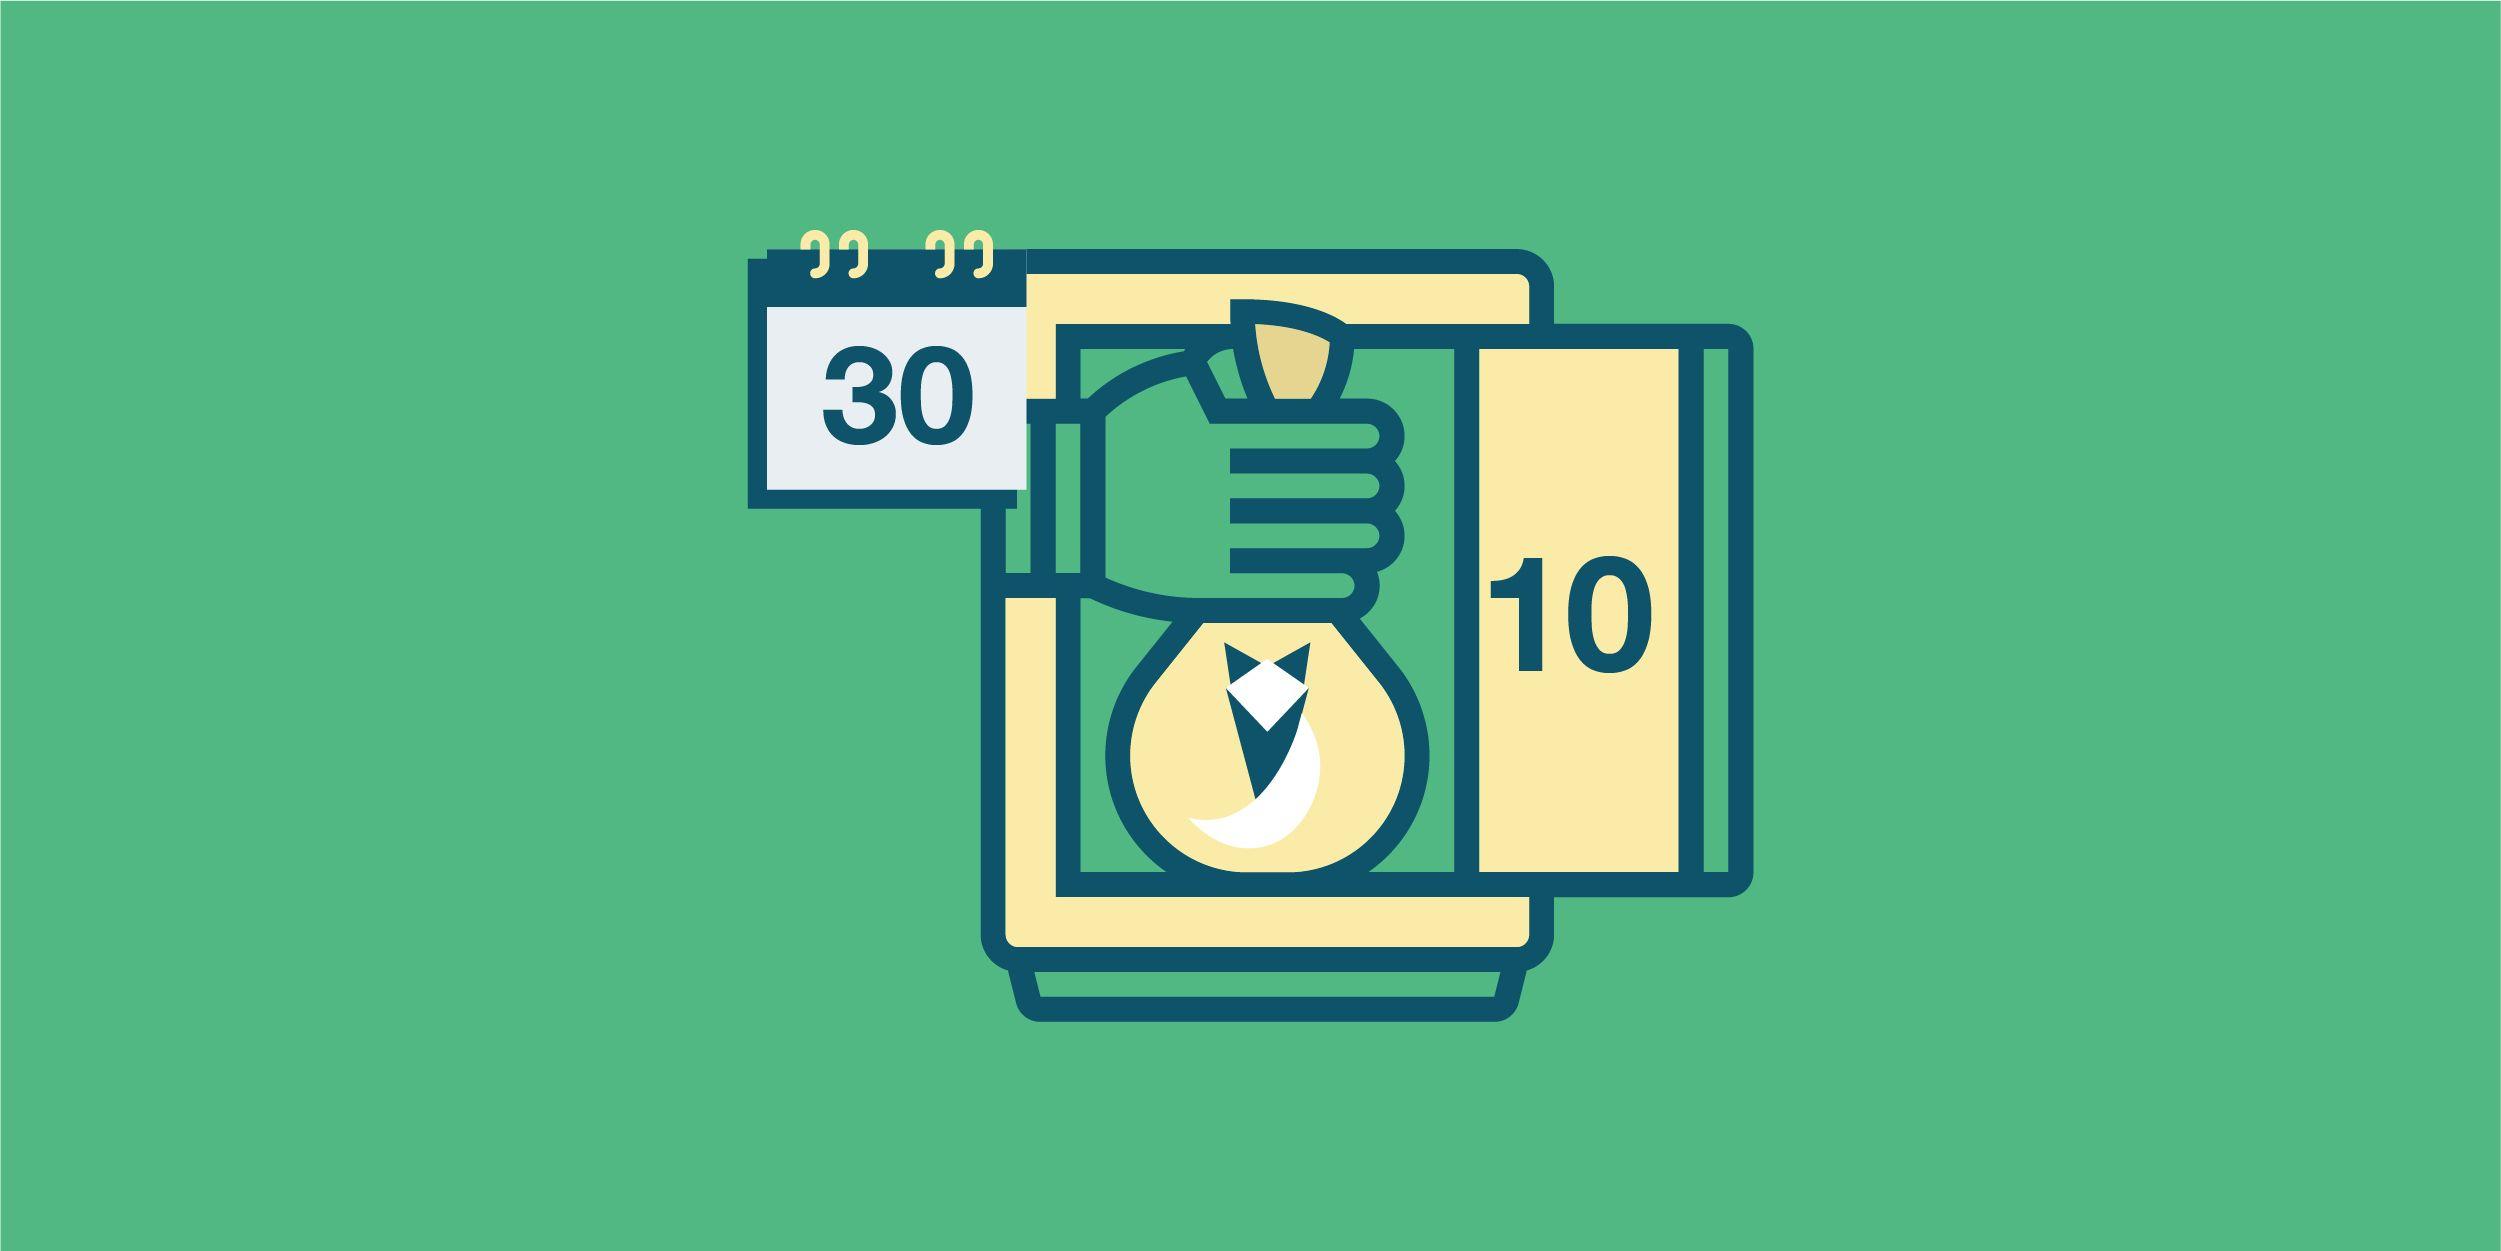 أعلي 10 ودائع شهرية في البنوك المصرية في سبتمبر 2021